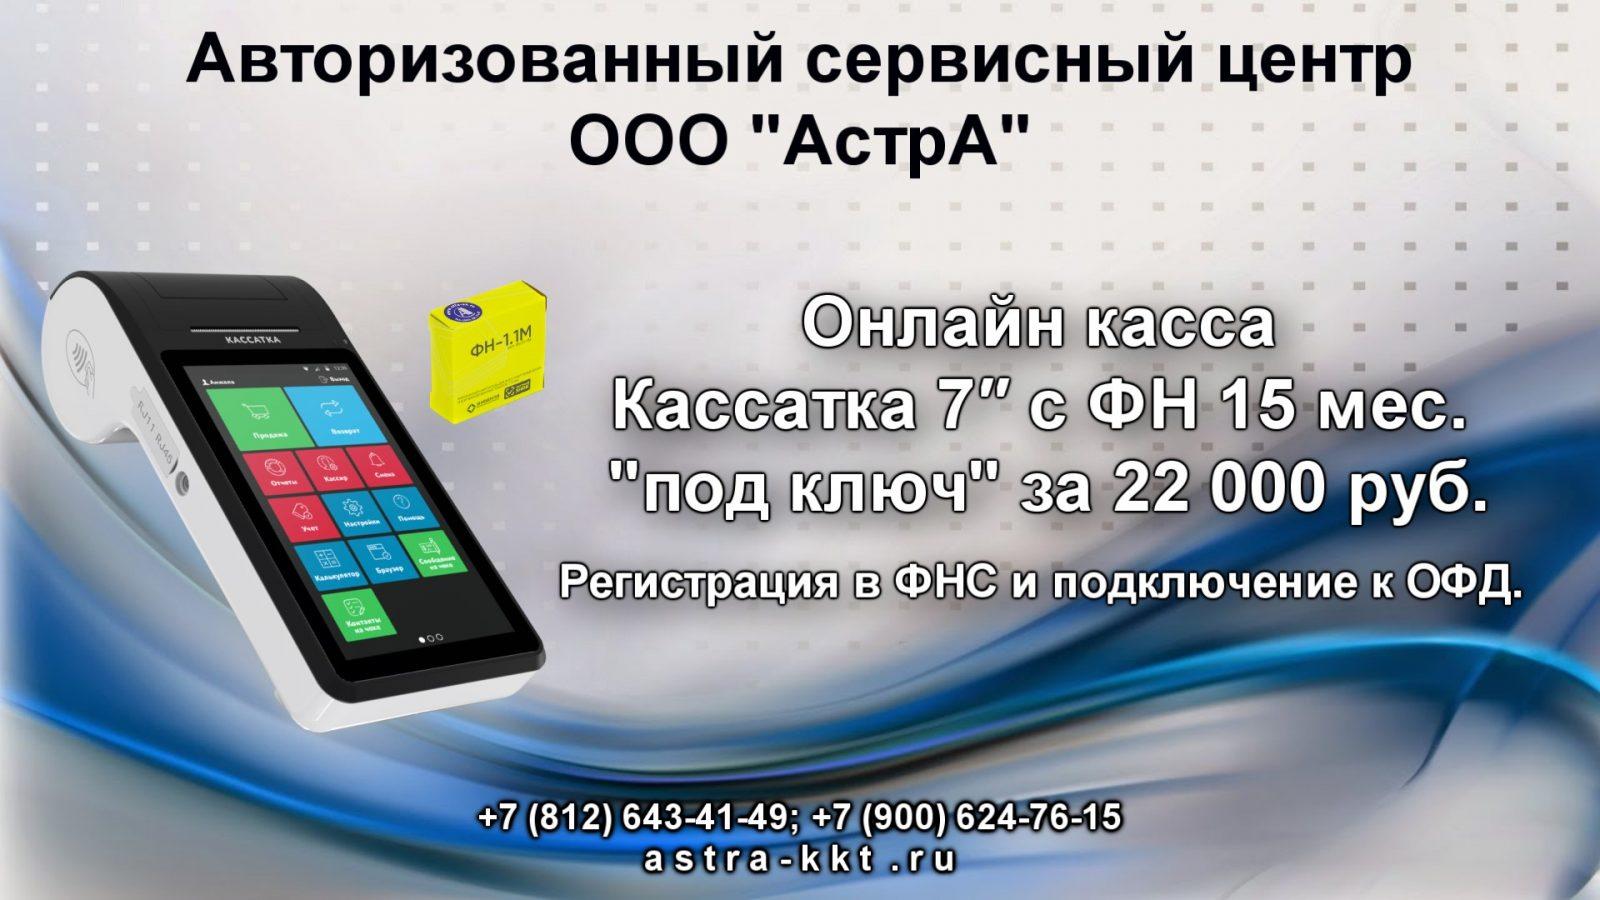 """Онлайн касса Кассатка 7"""" (1Ф) купить в СПБ"""